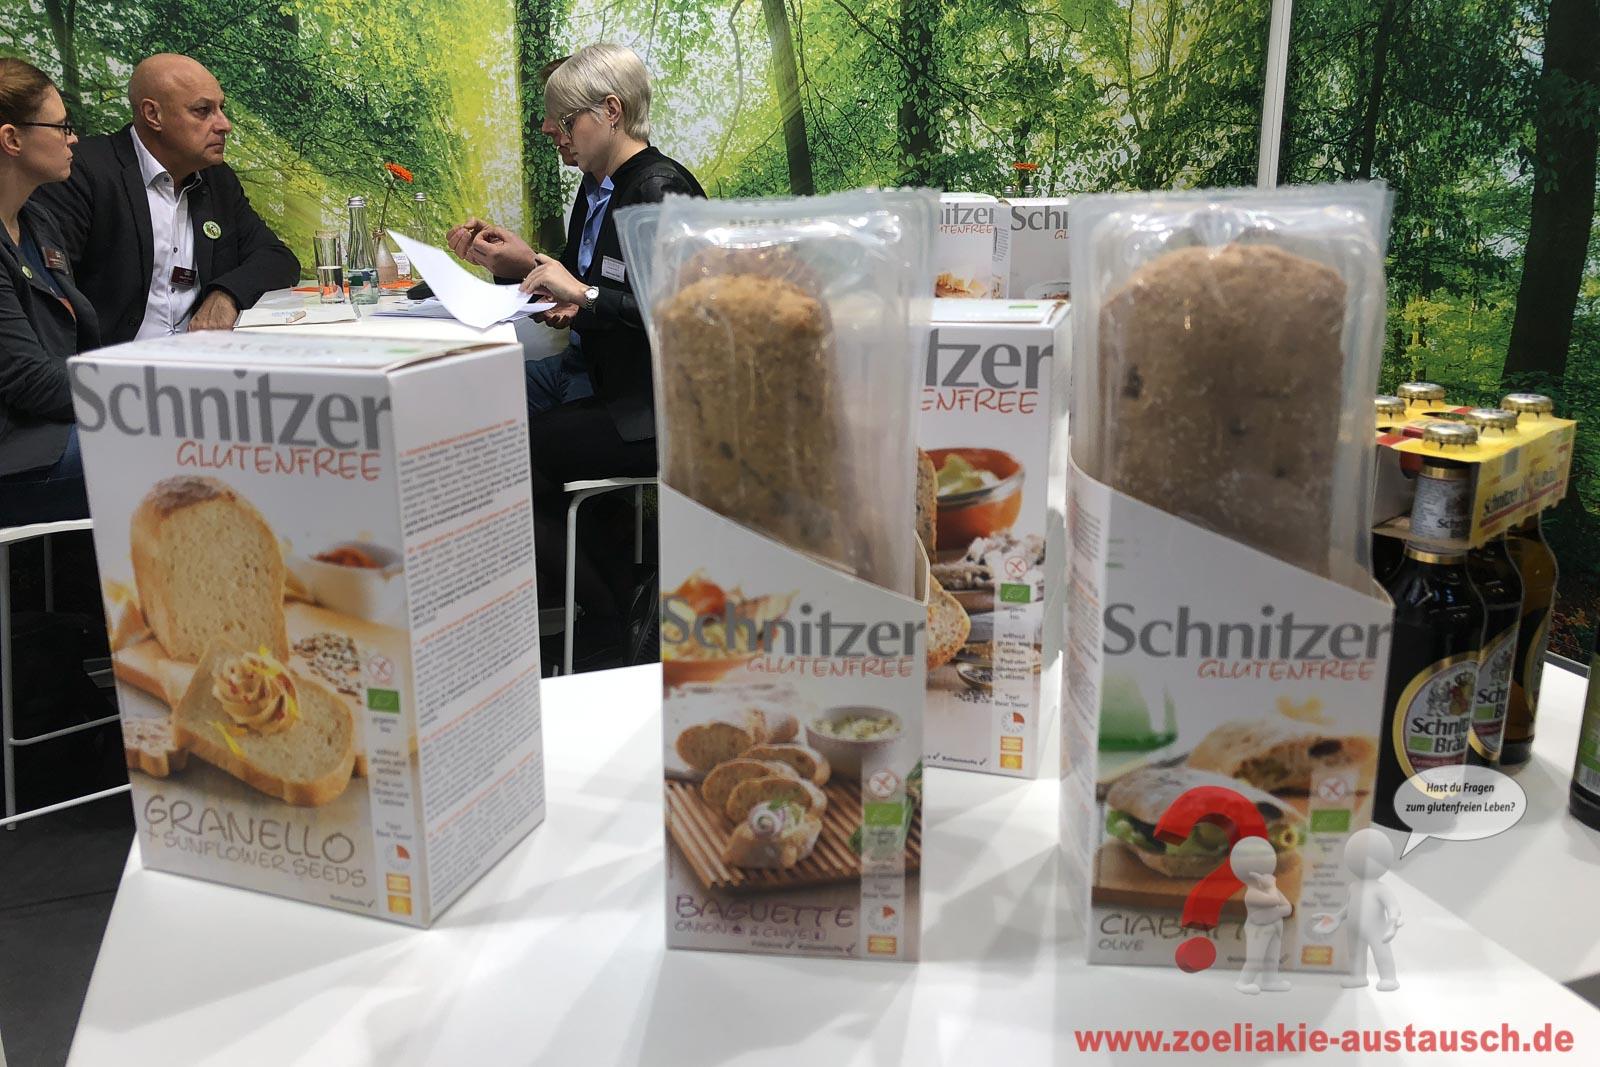 Schnitzer_BioFach_Zoeliakie_Austausch_001